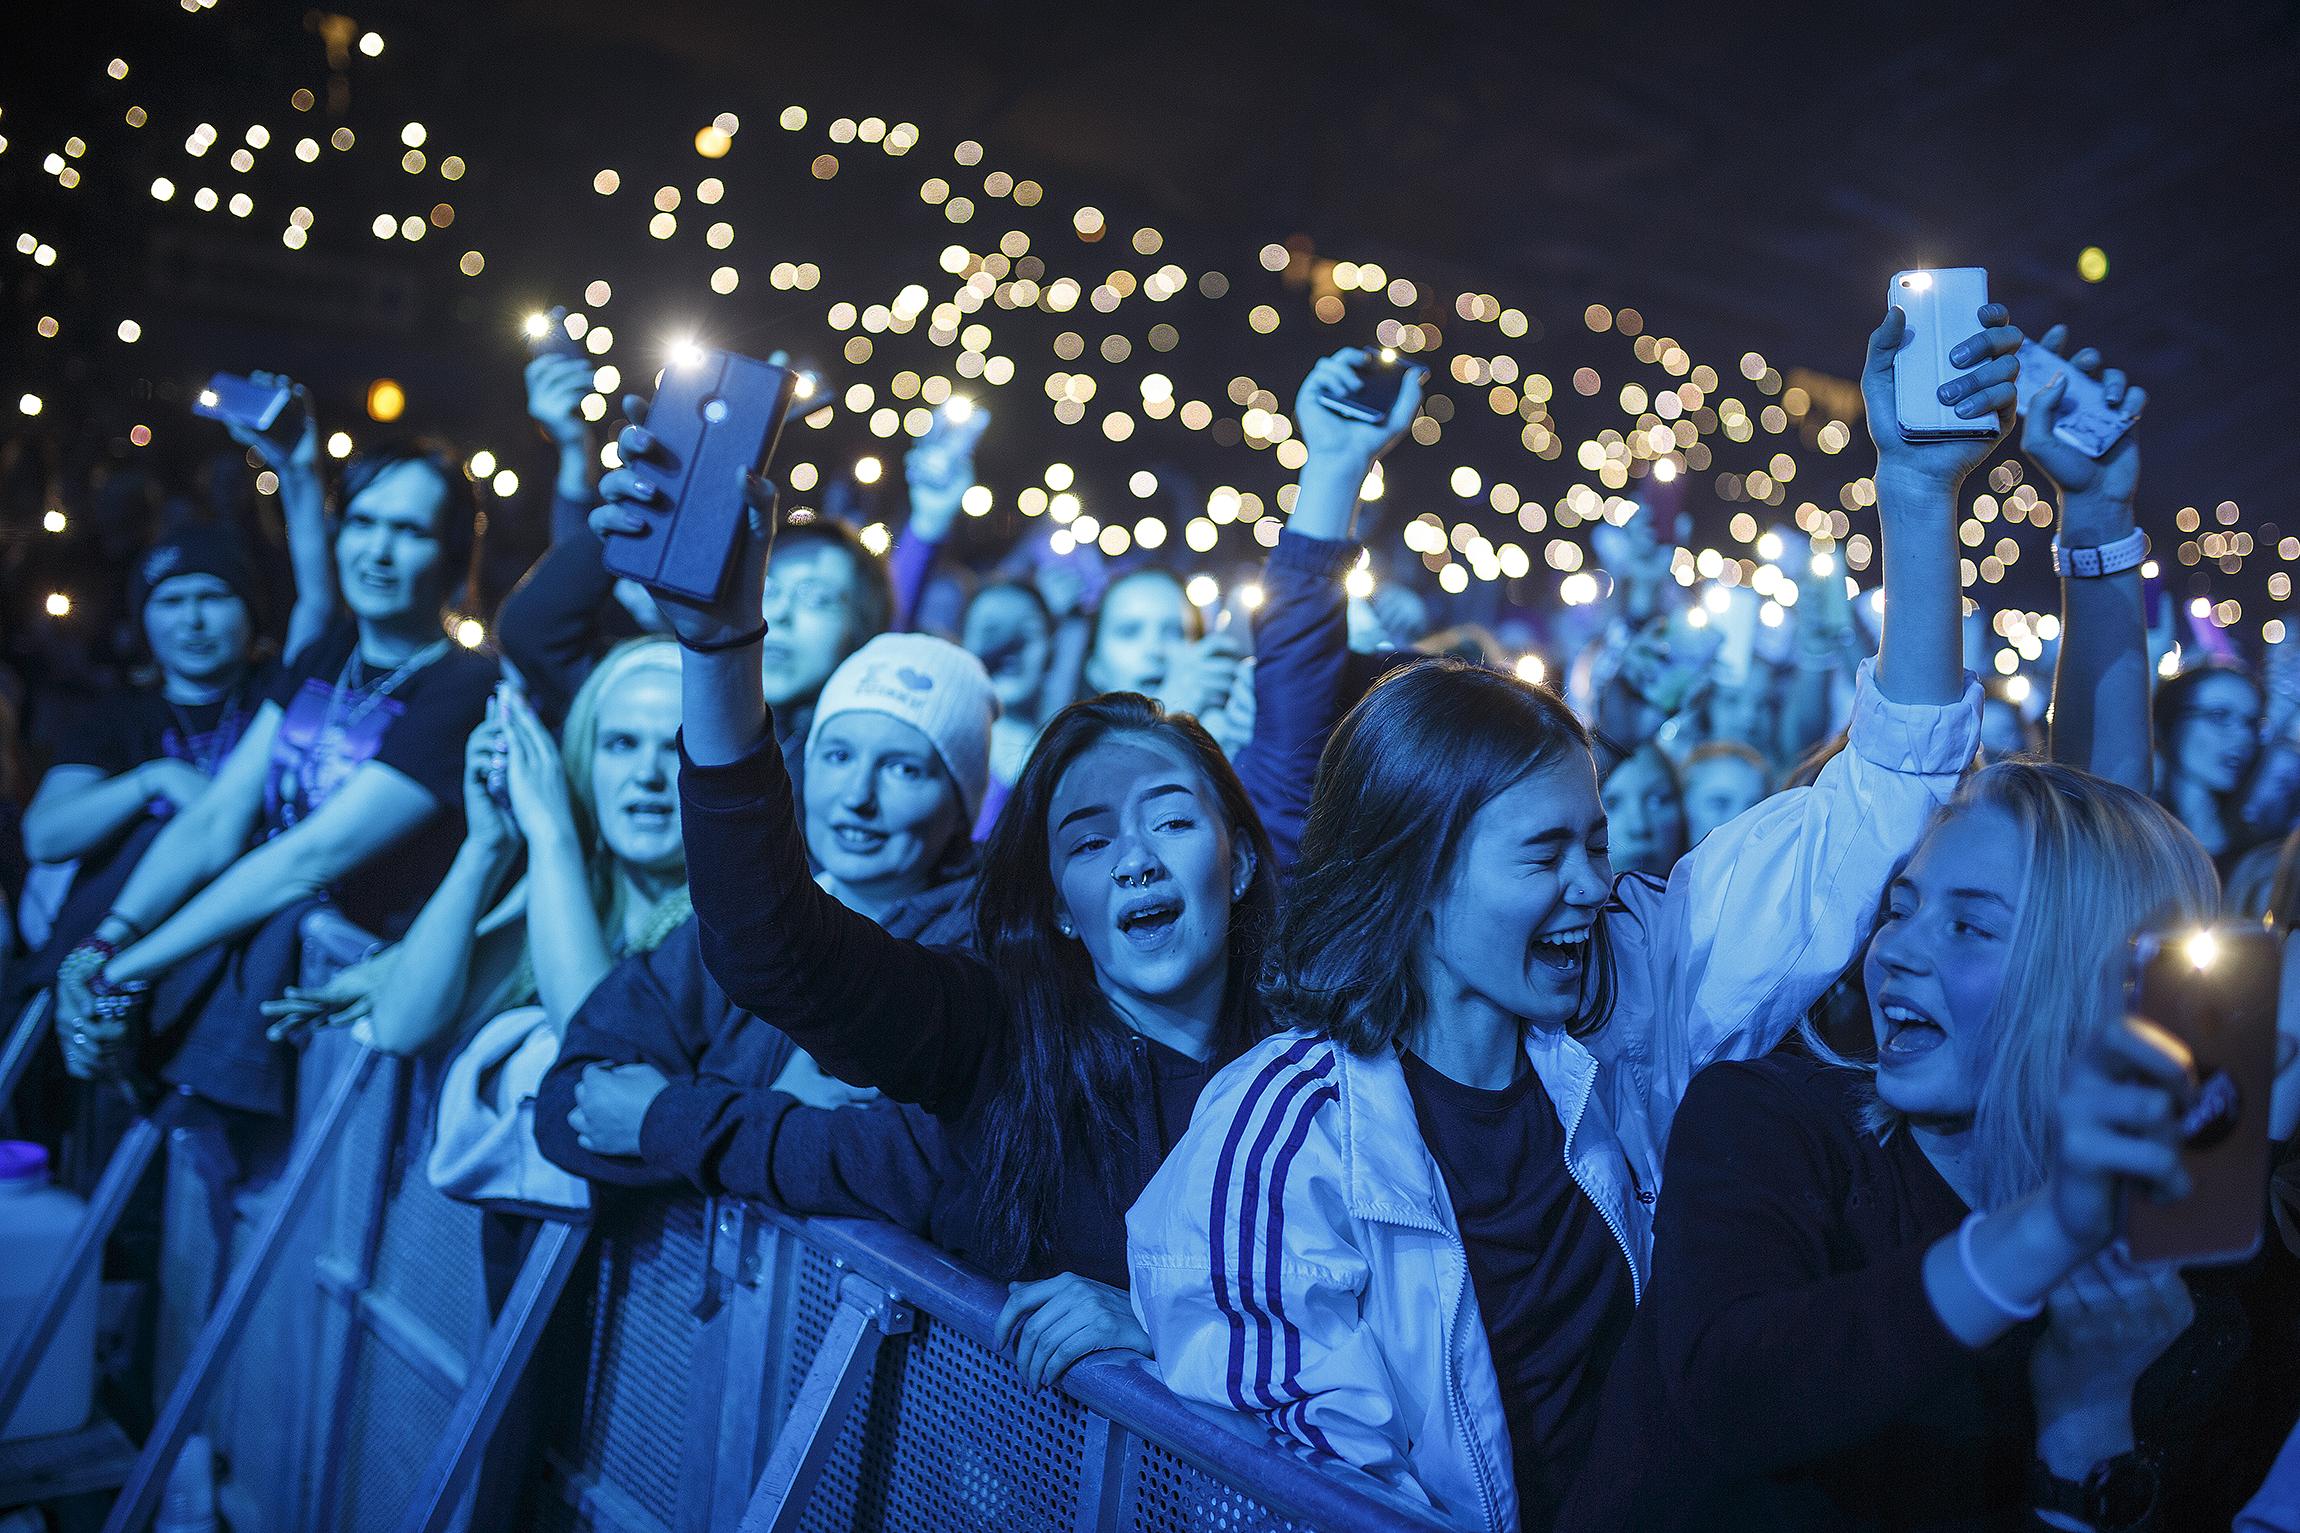 Kuopio-halli muuttui yhden illan ajaksi kynttilämereksi. Intohimoisimmat fanit saapuivat jonottamaan eturivin paikkoja pakkaseen ennen aamukahdeksaa.